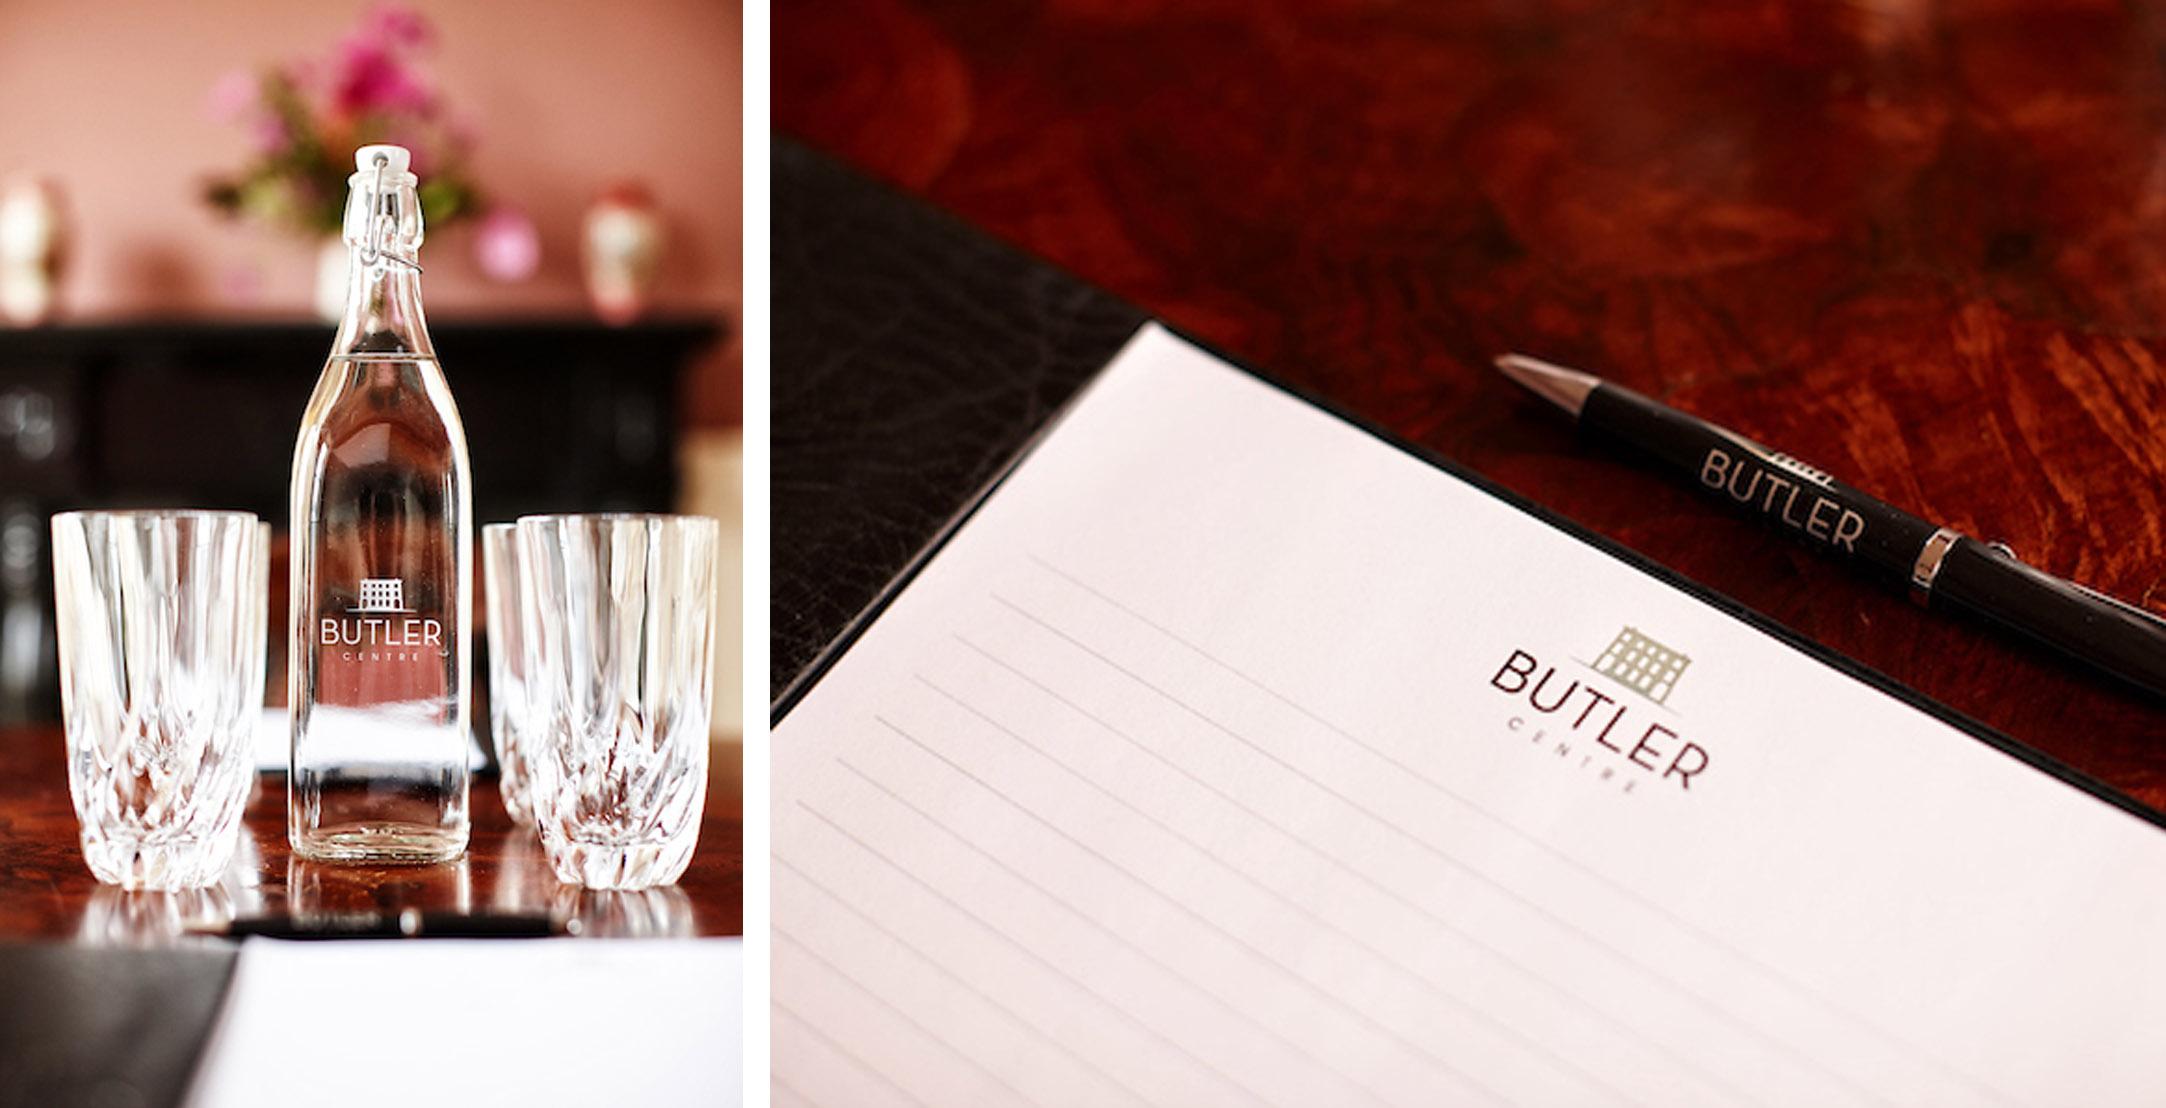 butler centre branding